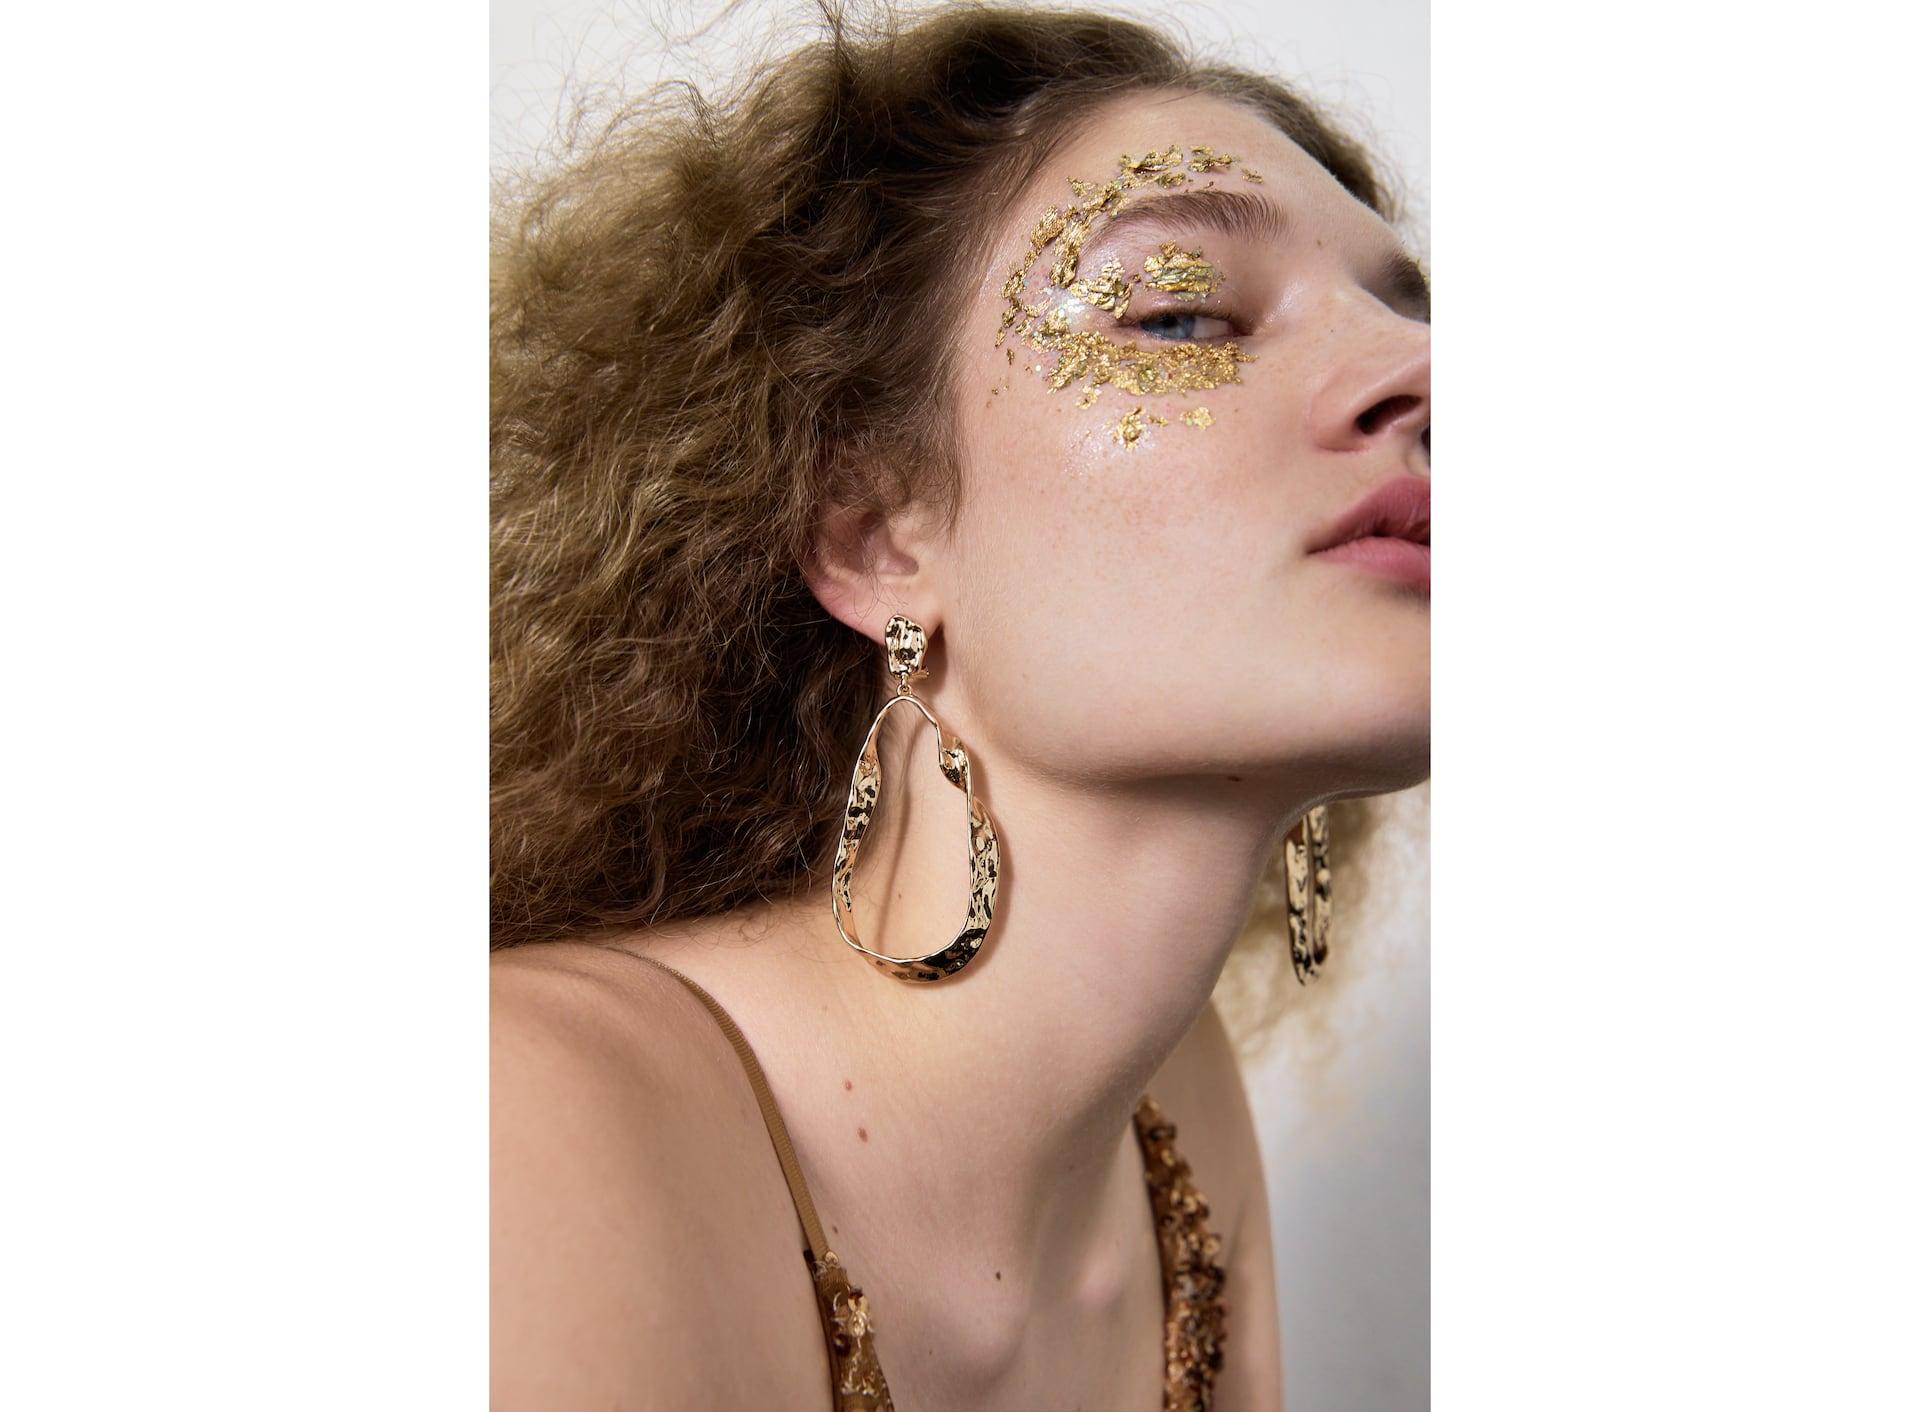 Phụ kiện thời trang hoa tai ánh vàng to bản